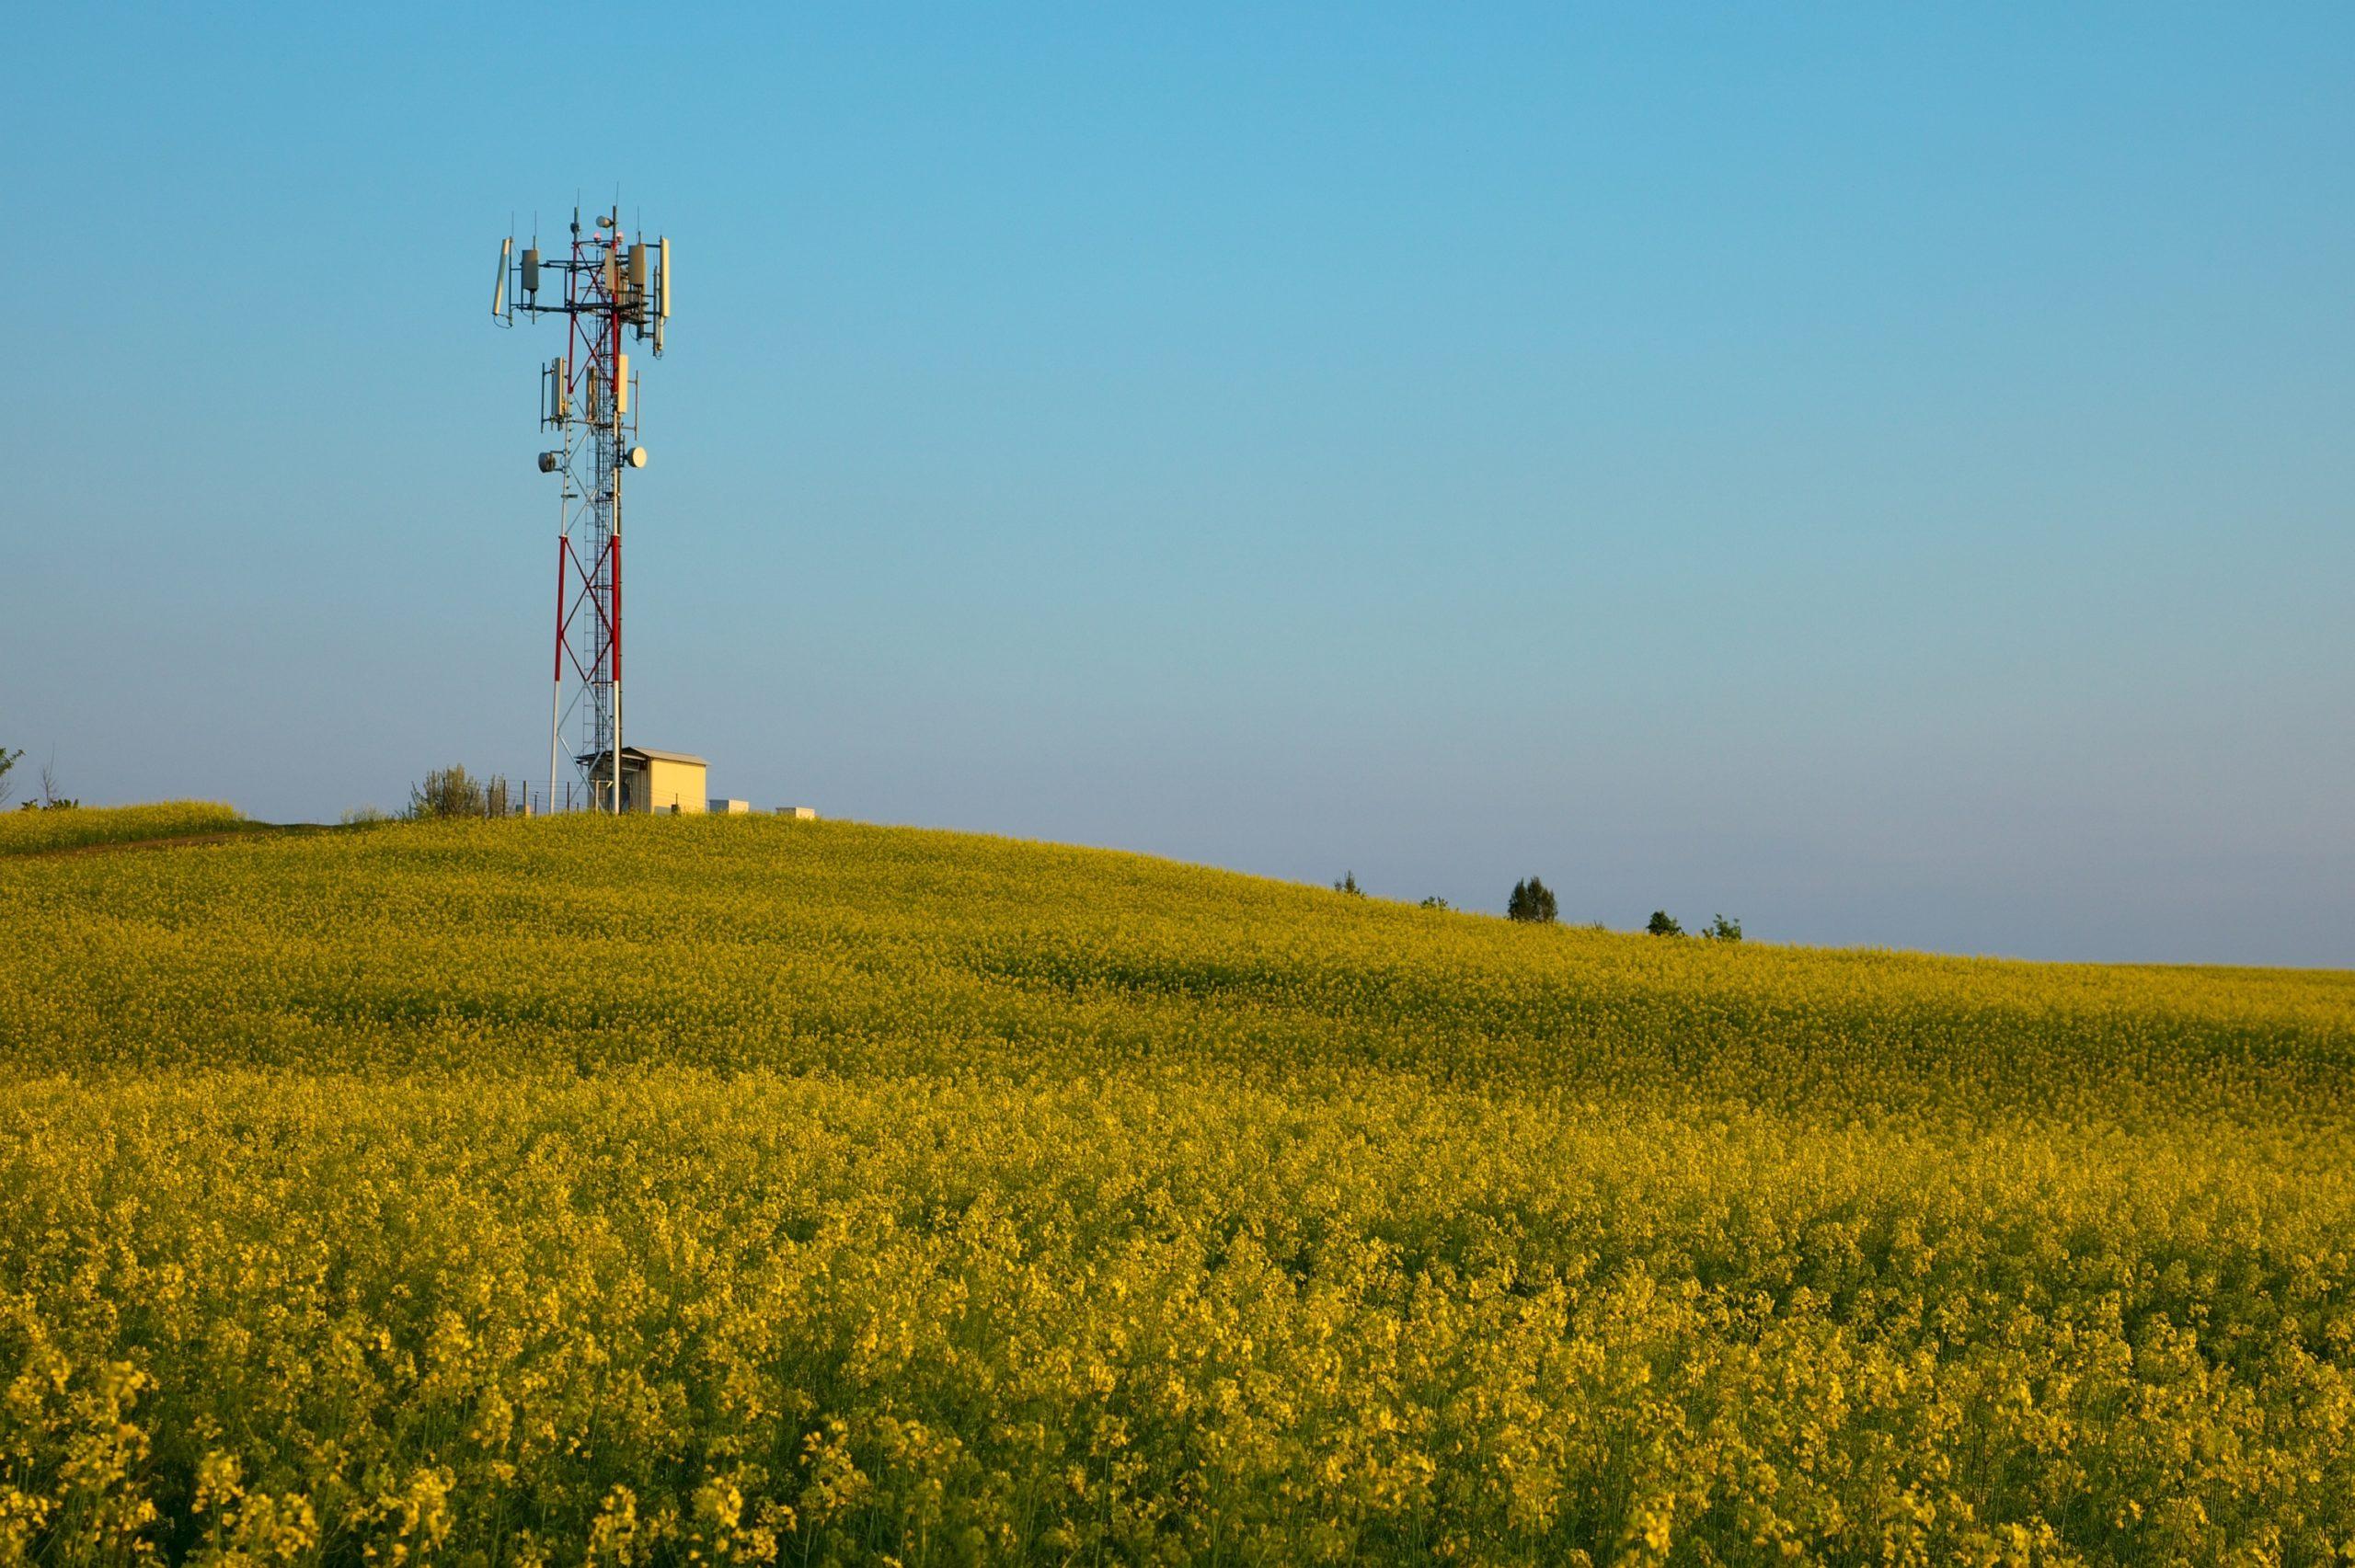 Transmitter in field